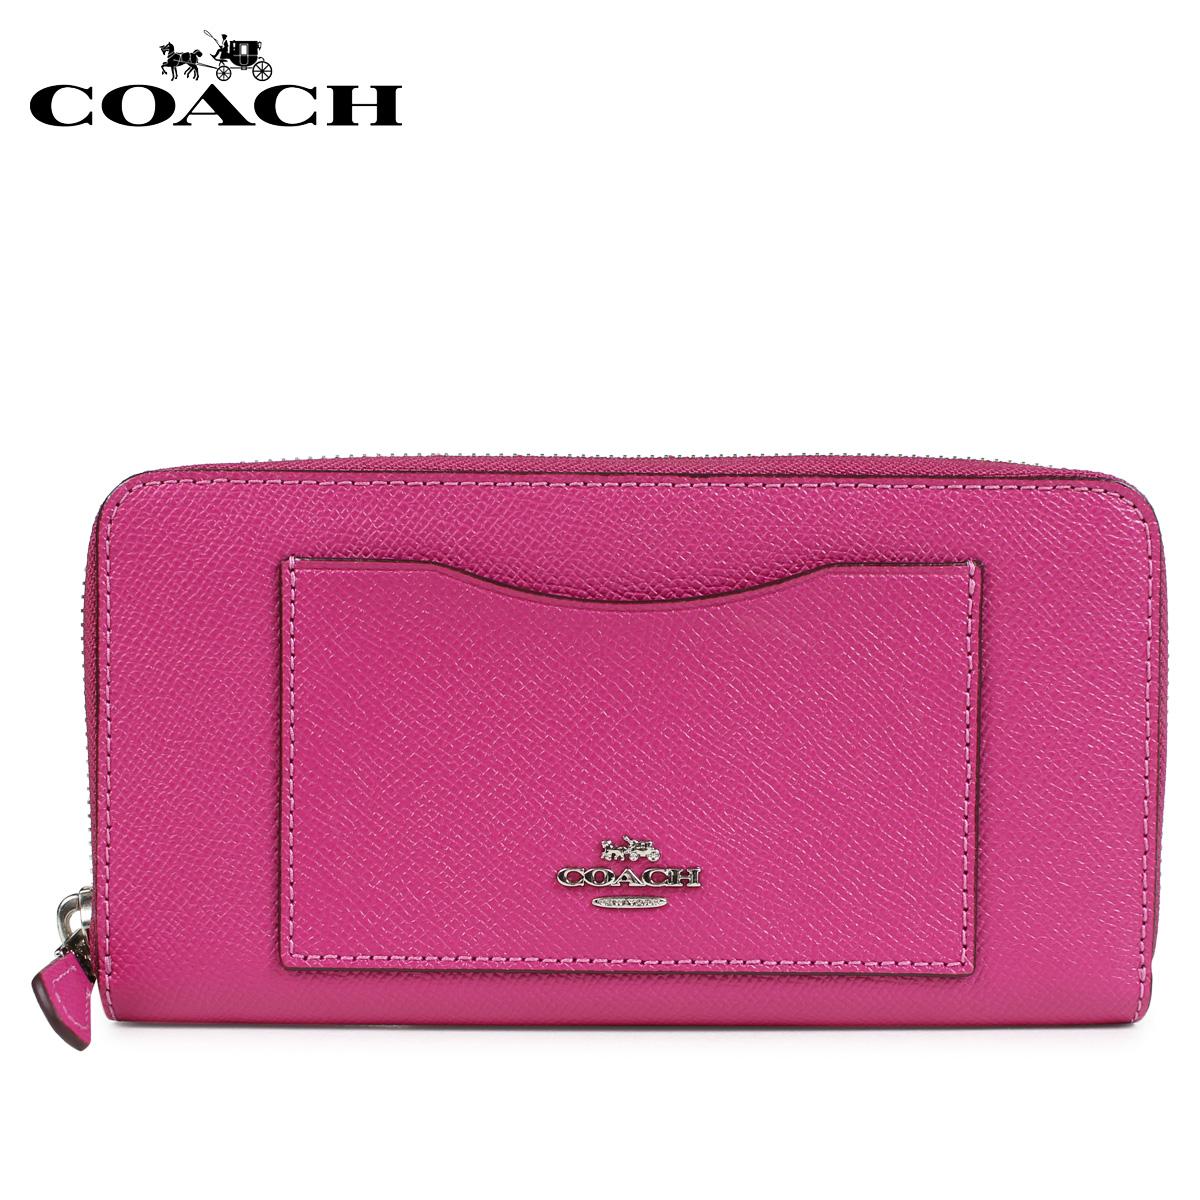 COACH コーチ 財布 長財布 レディース ラウンドファスナー レザー ピンク F54007